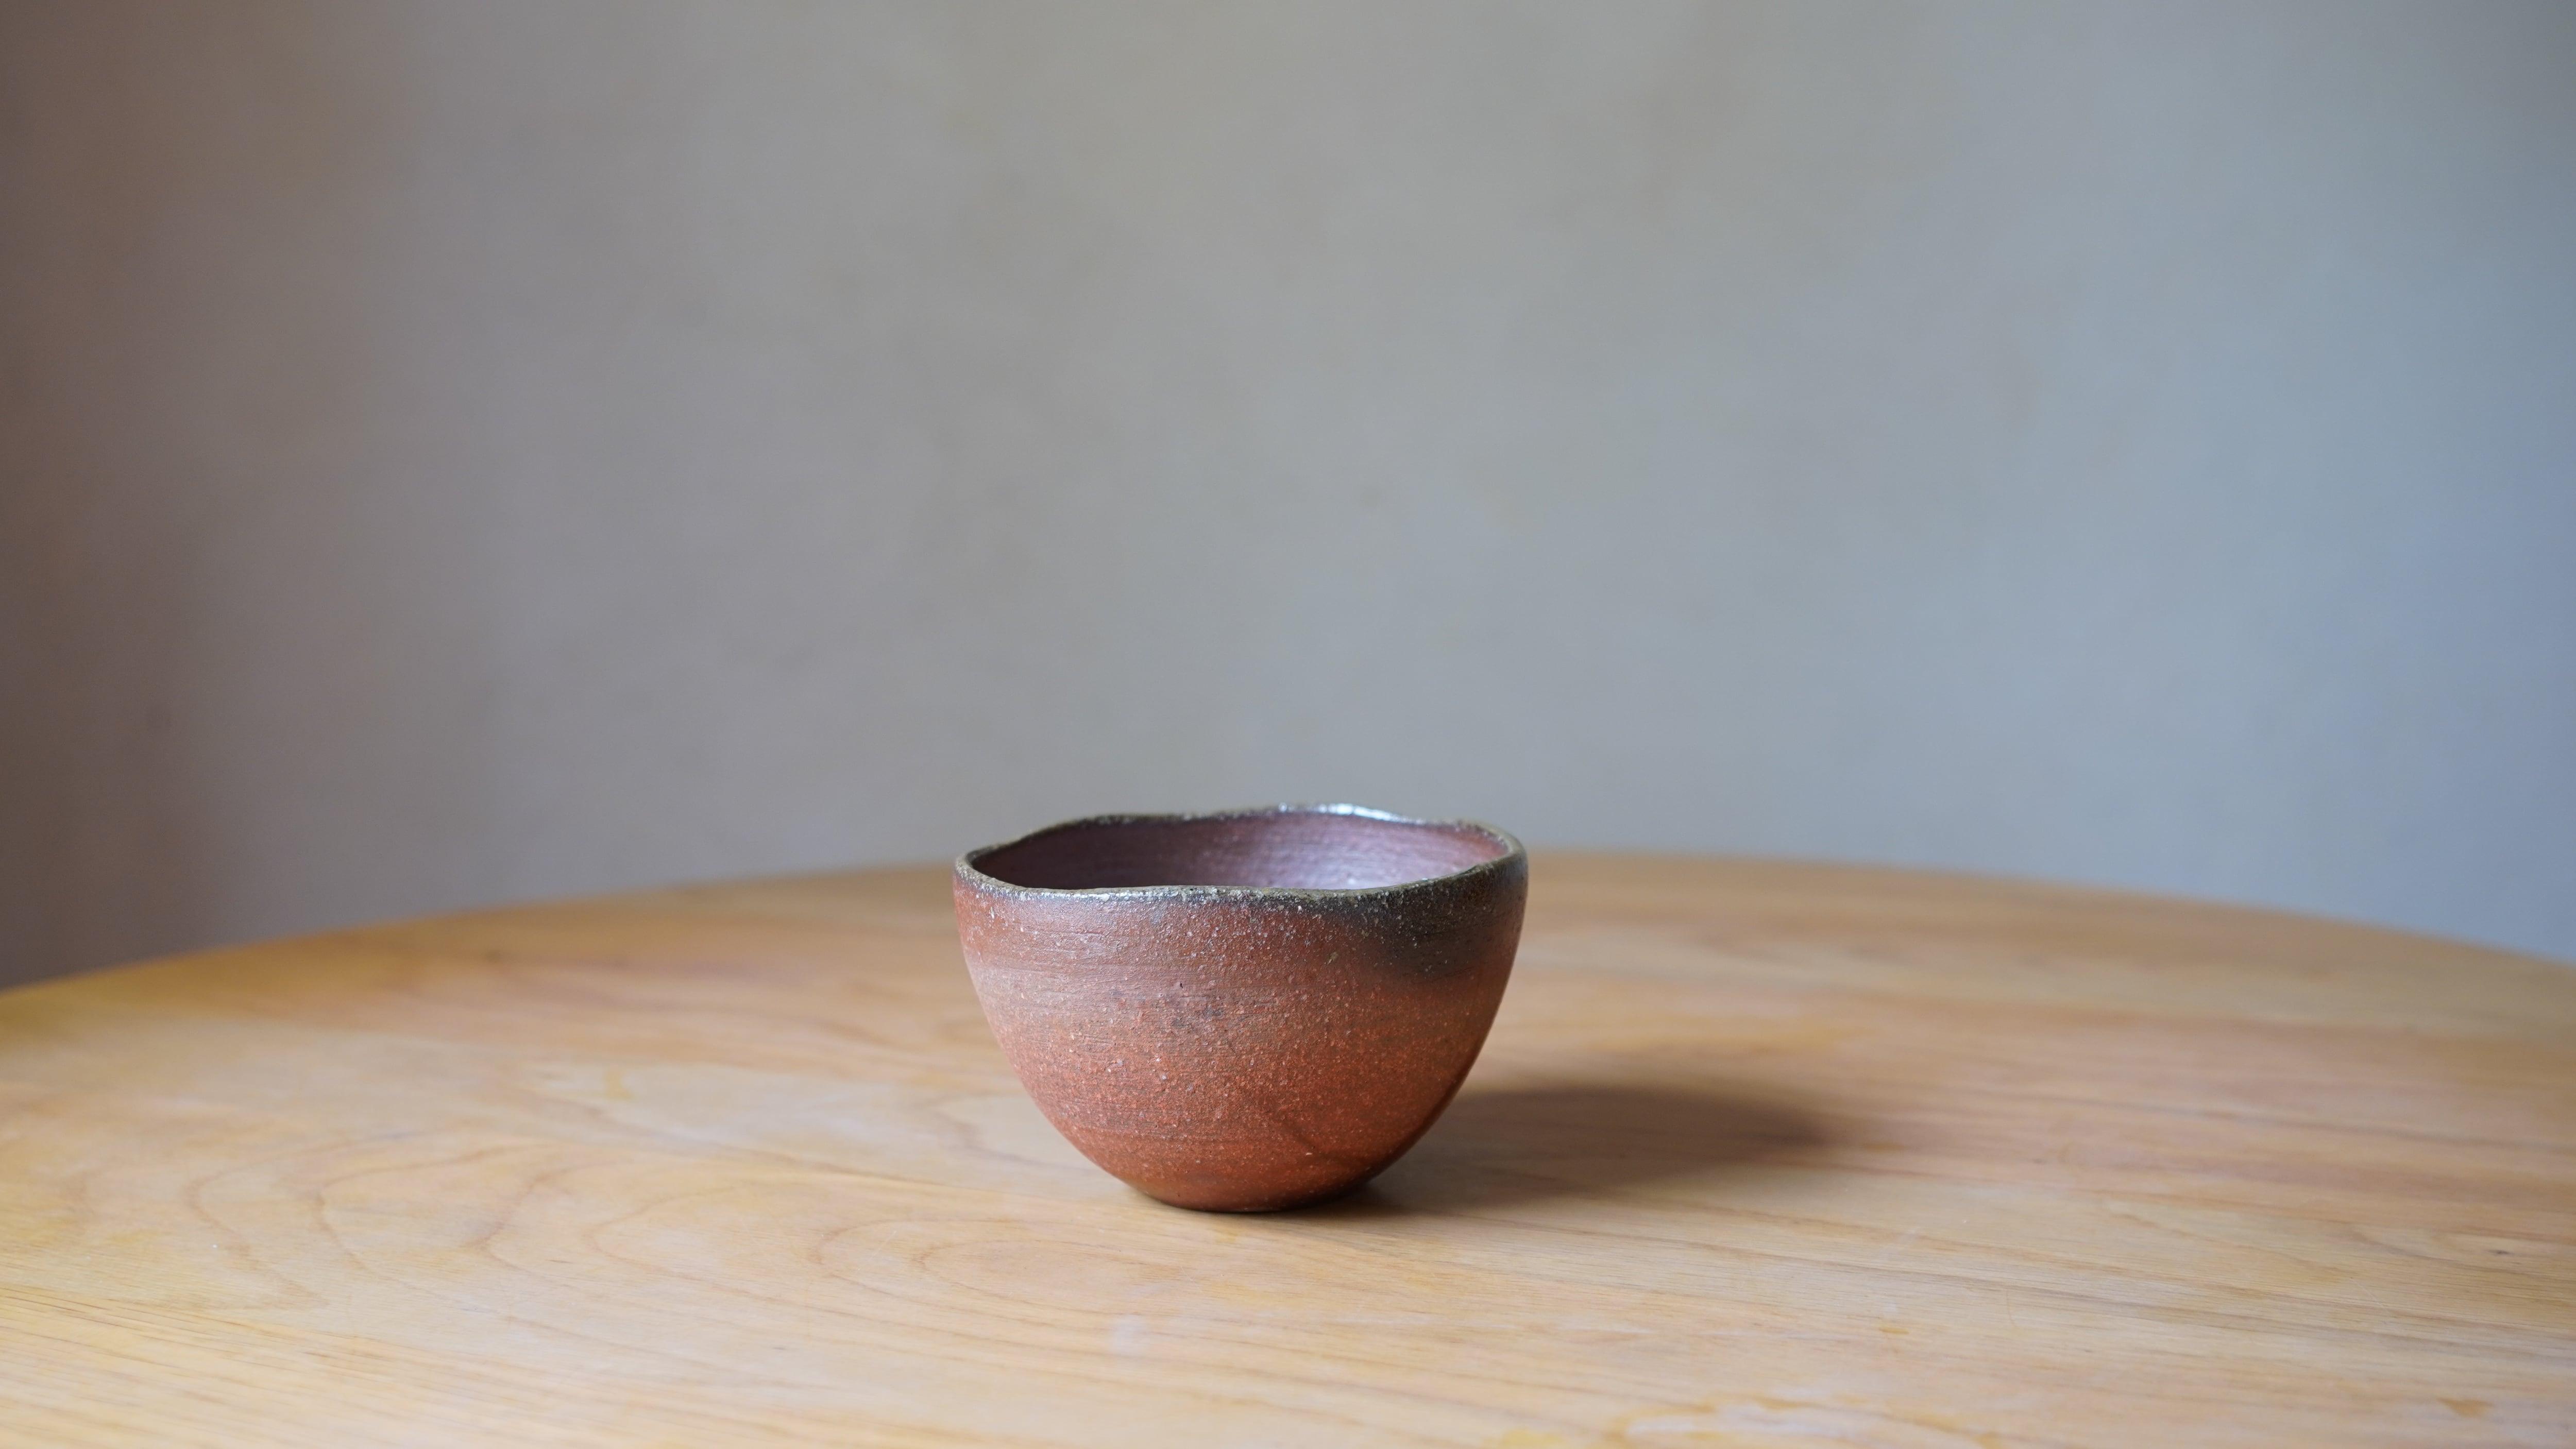 天野智也「備前  カフェオレボウル」(wa-5)